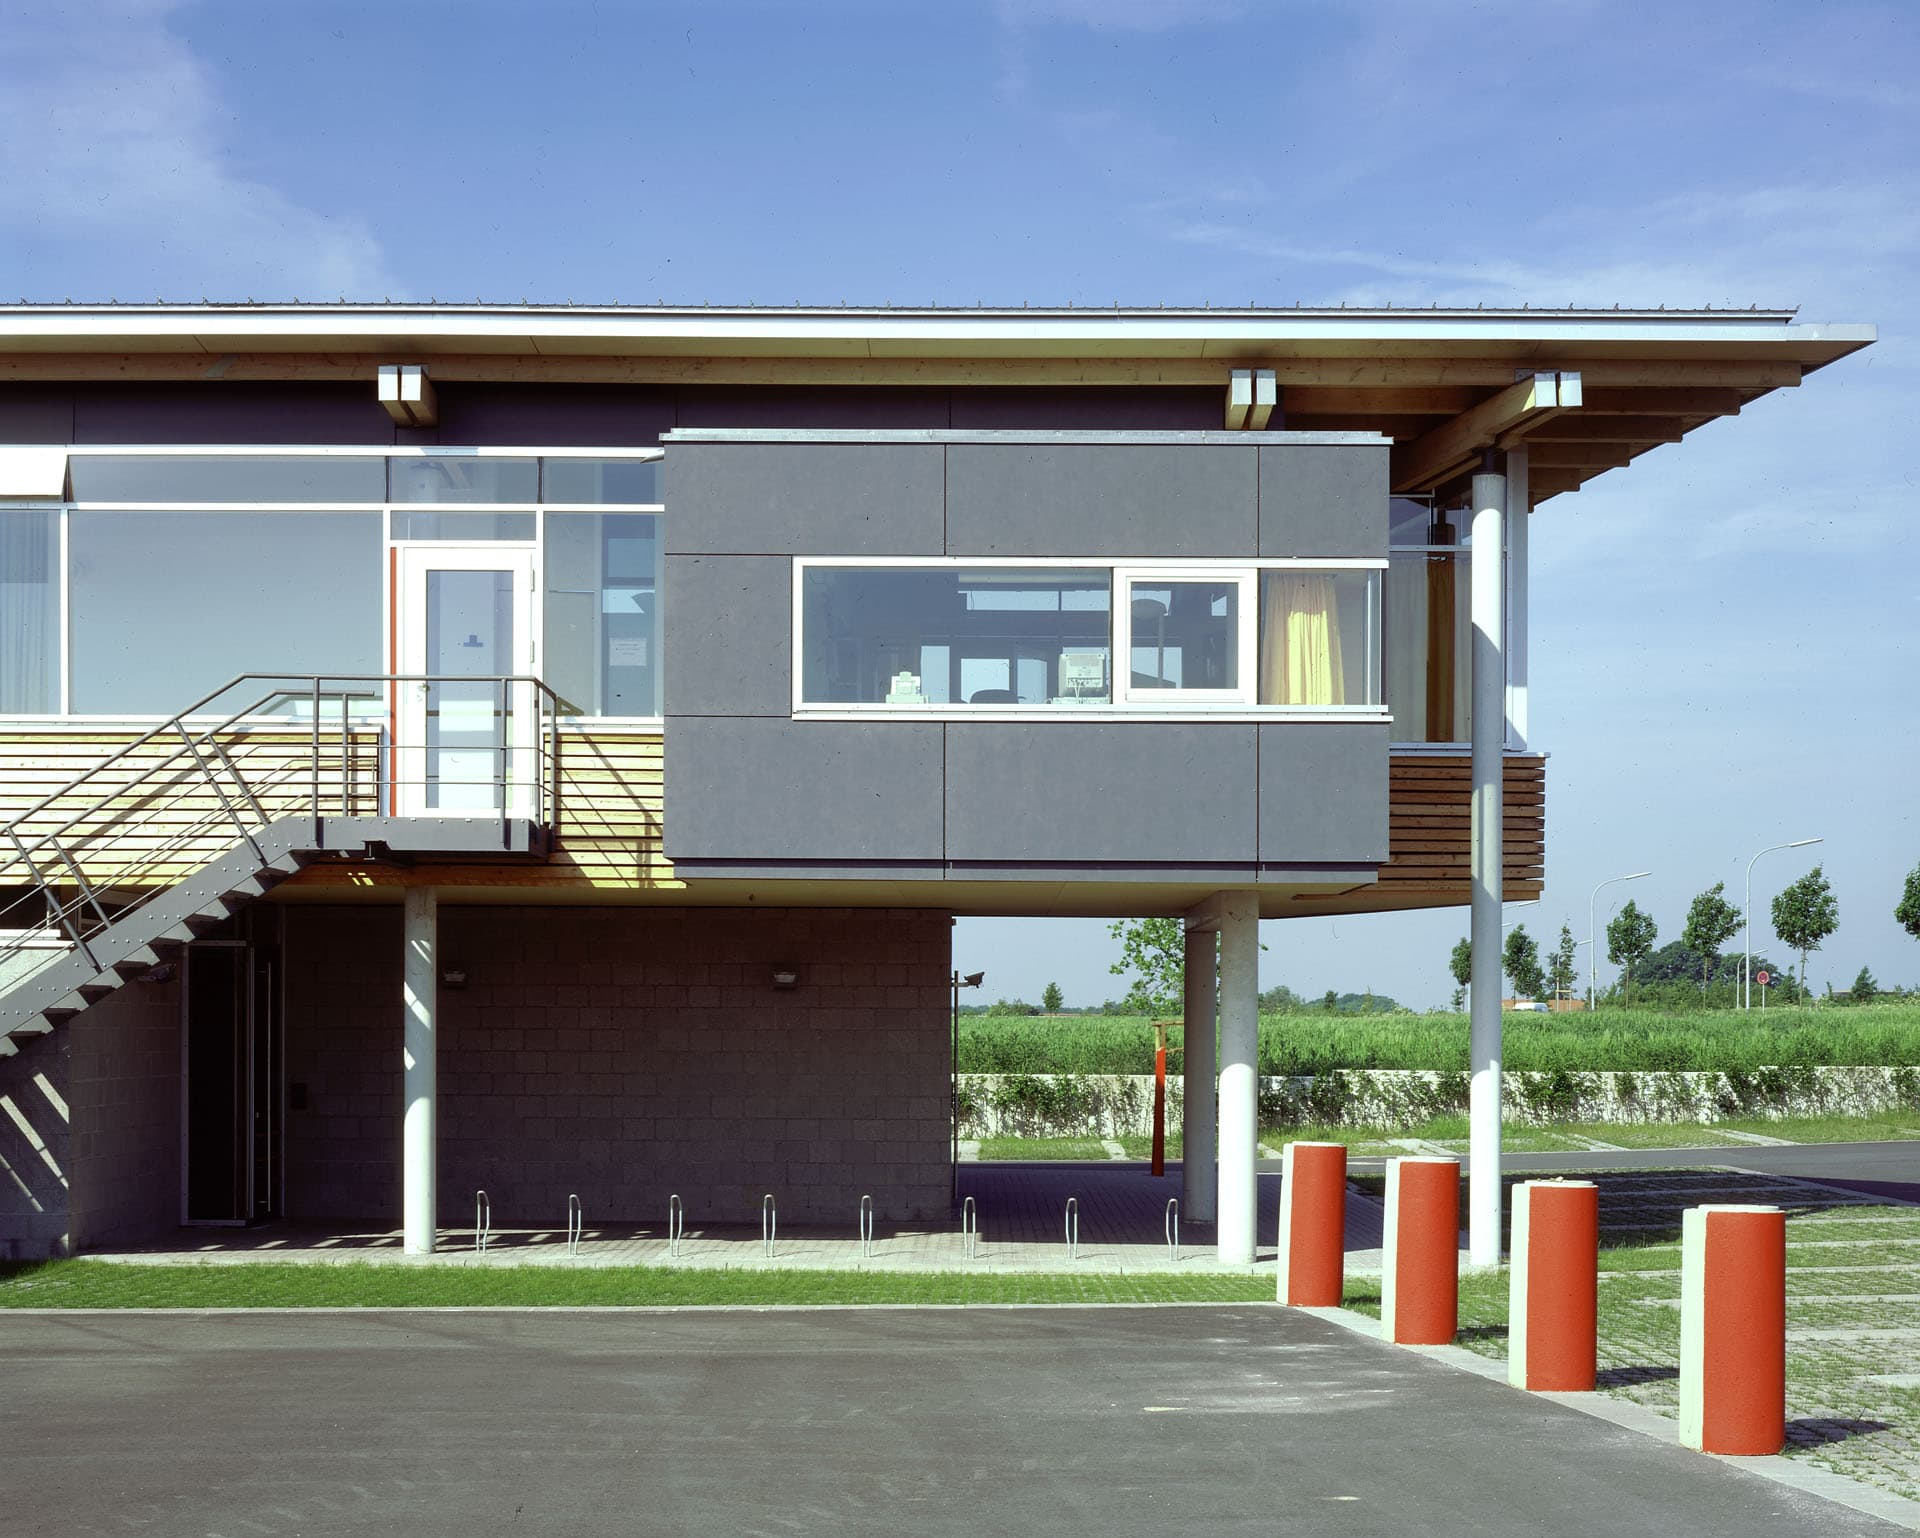 feuerwache bhp architekten generalplaner gmbh. Black Bedroom Furniture Sets. Home Design Ideas